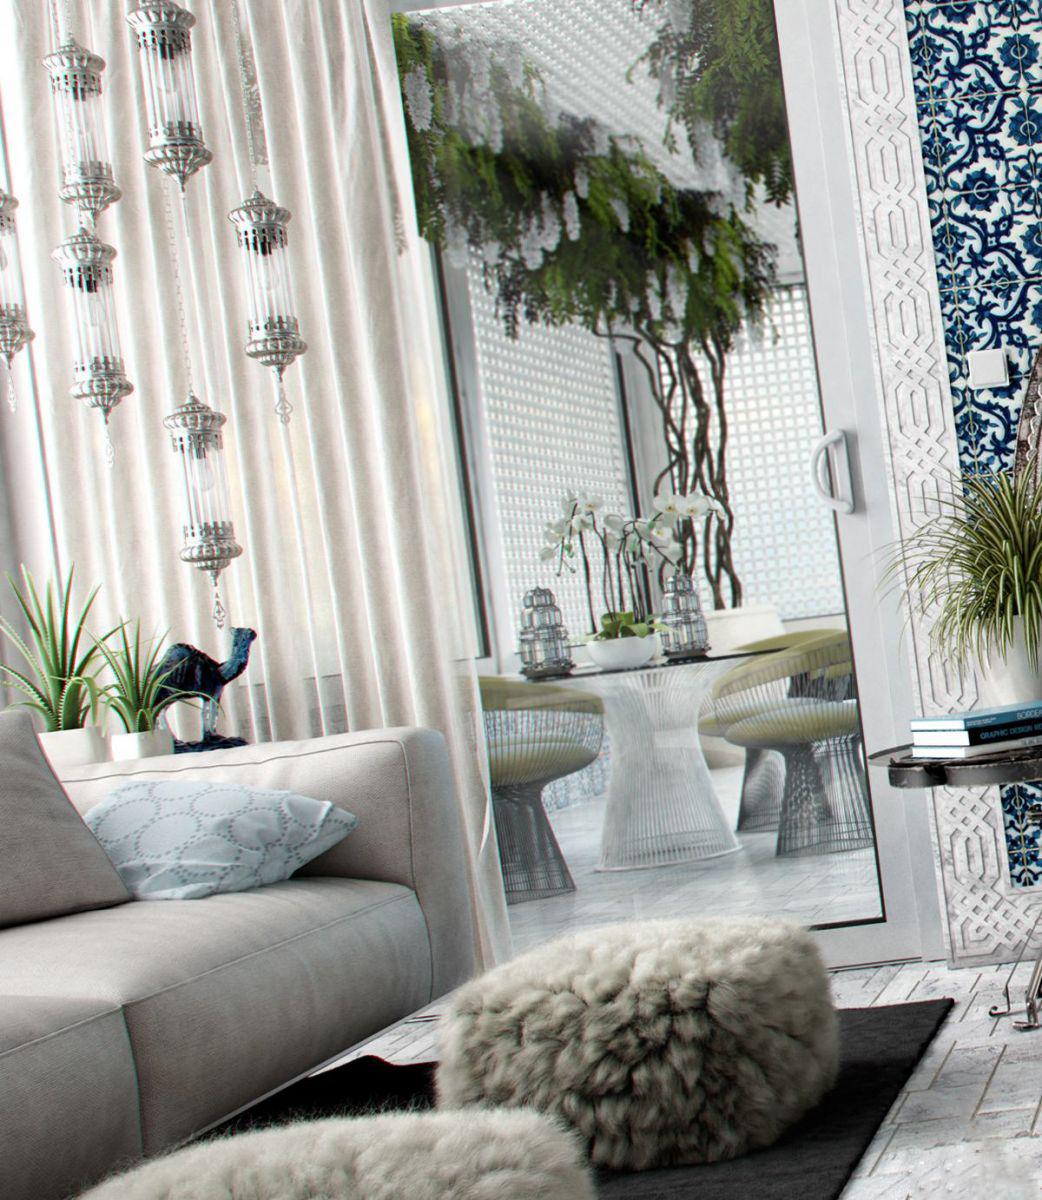 Thiết kế nội thất phòng ngủ phong cách Tunisian